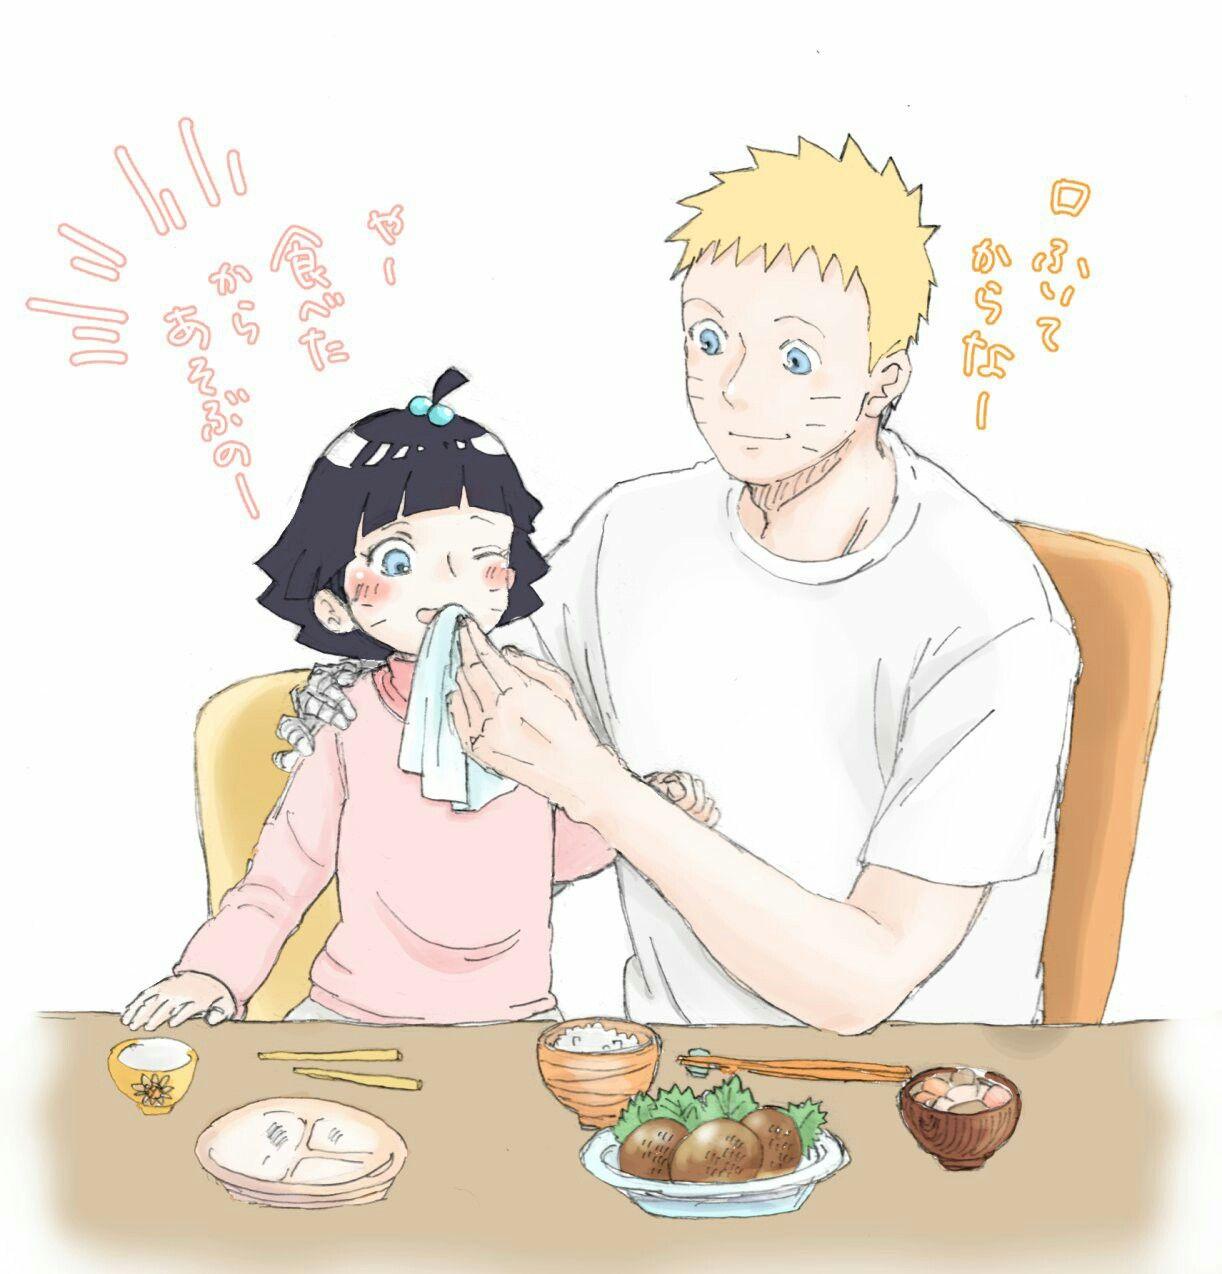 Cre asyuup (Twitter) Familia uzumaki, Naruto, Naruhina